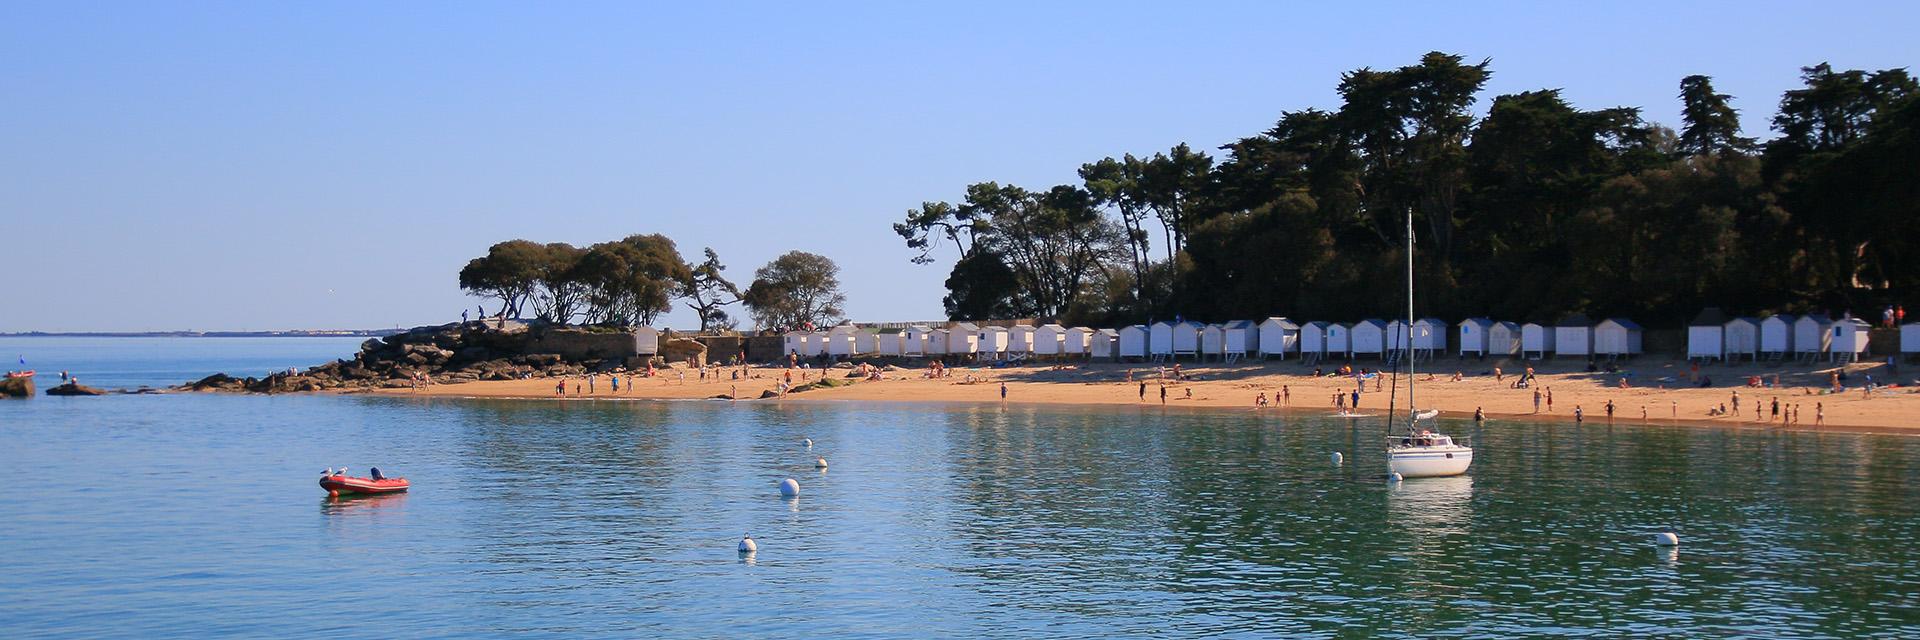 La-Riviere-plage-des-dames